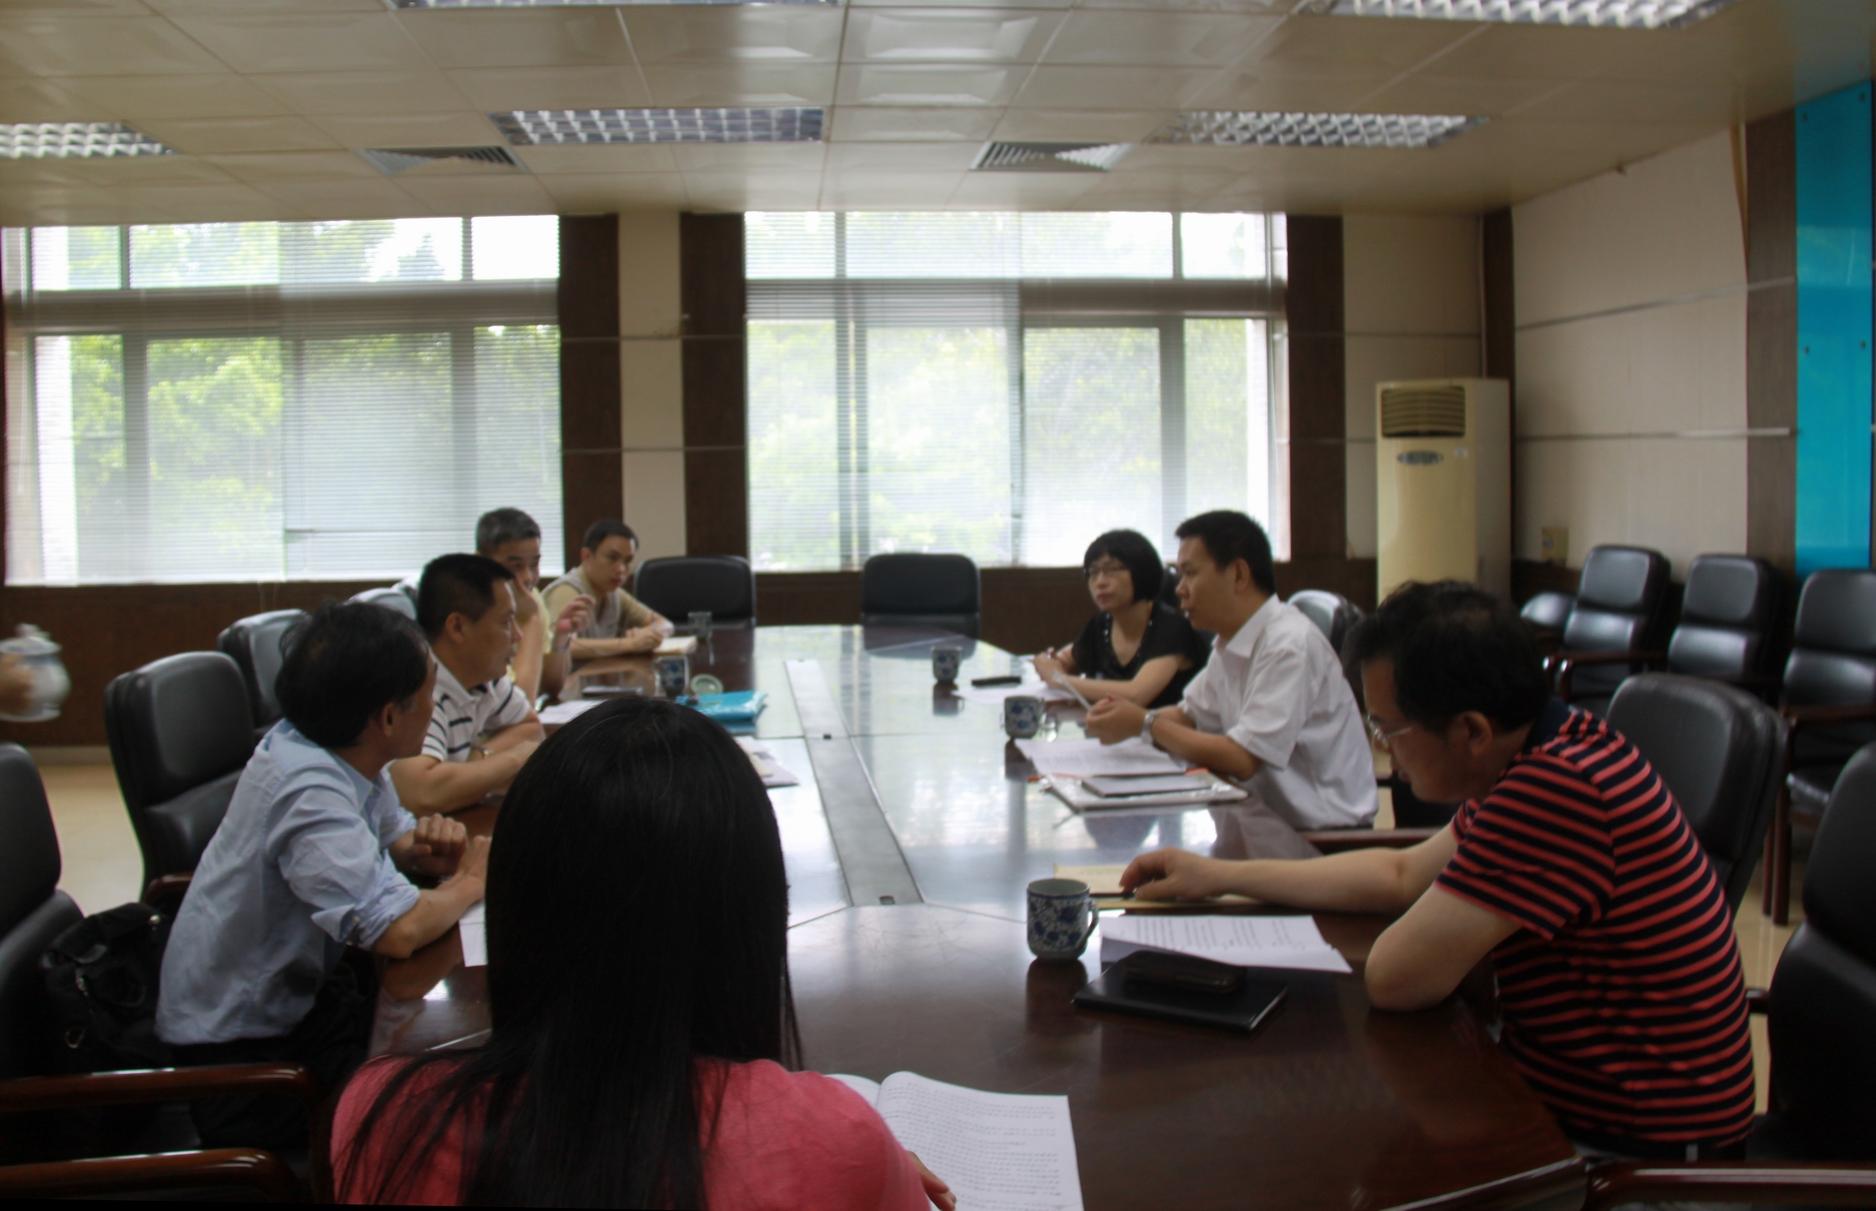 IMG_与南海区政府李副区长一行洽谈合作办学事宜001.jpg